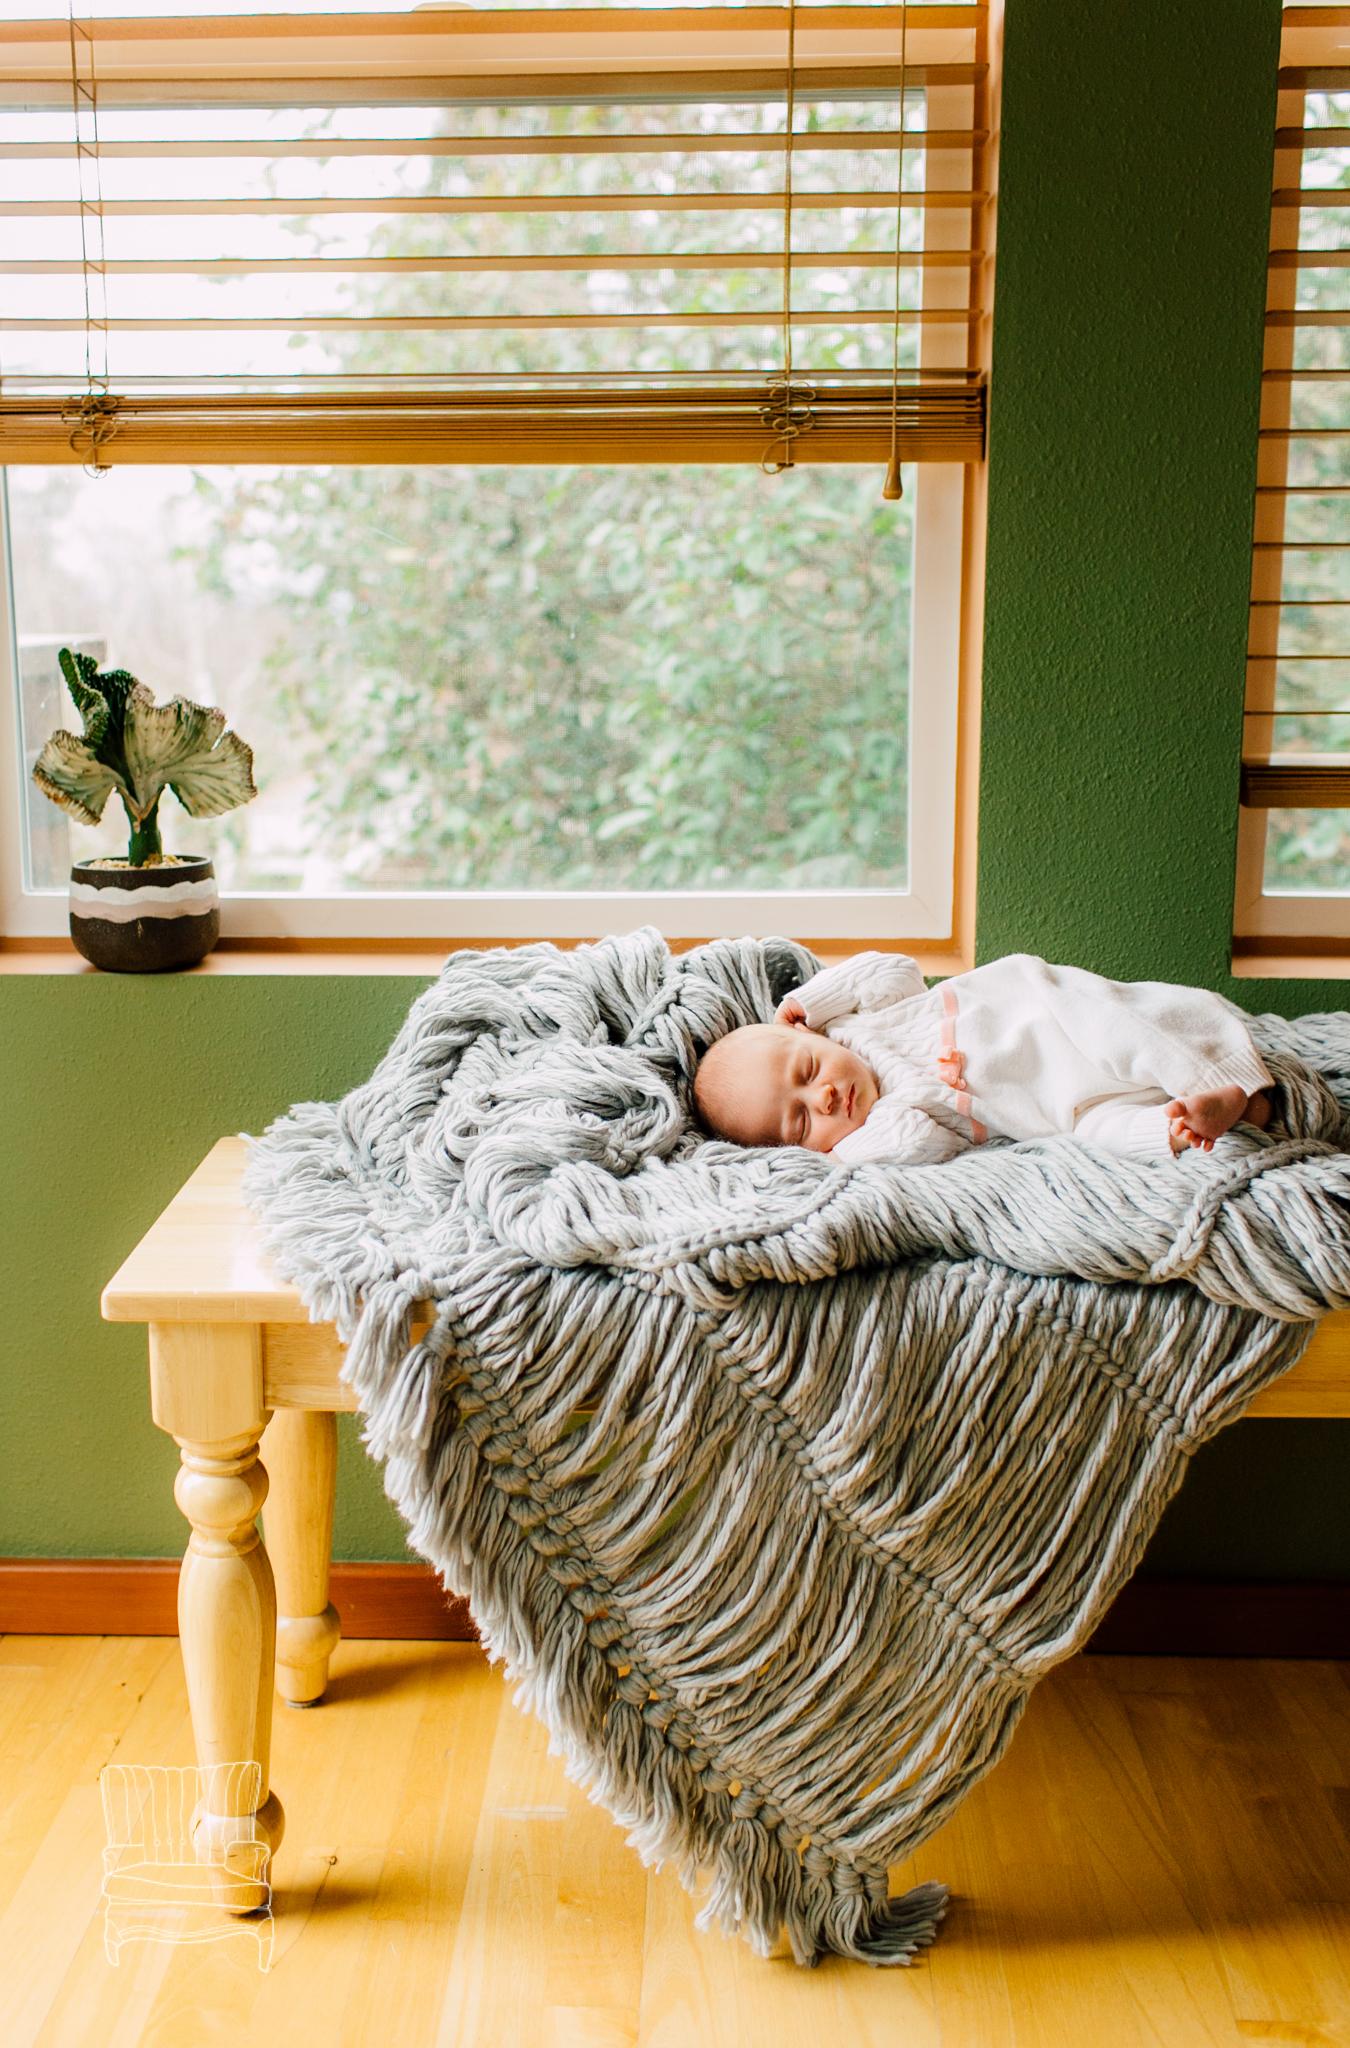 bellingham-newborn-photographer-katheryn-moran-hadley -7.jpg